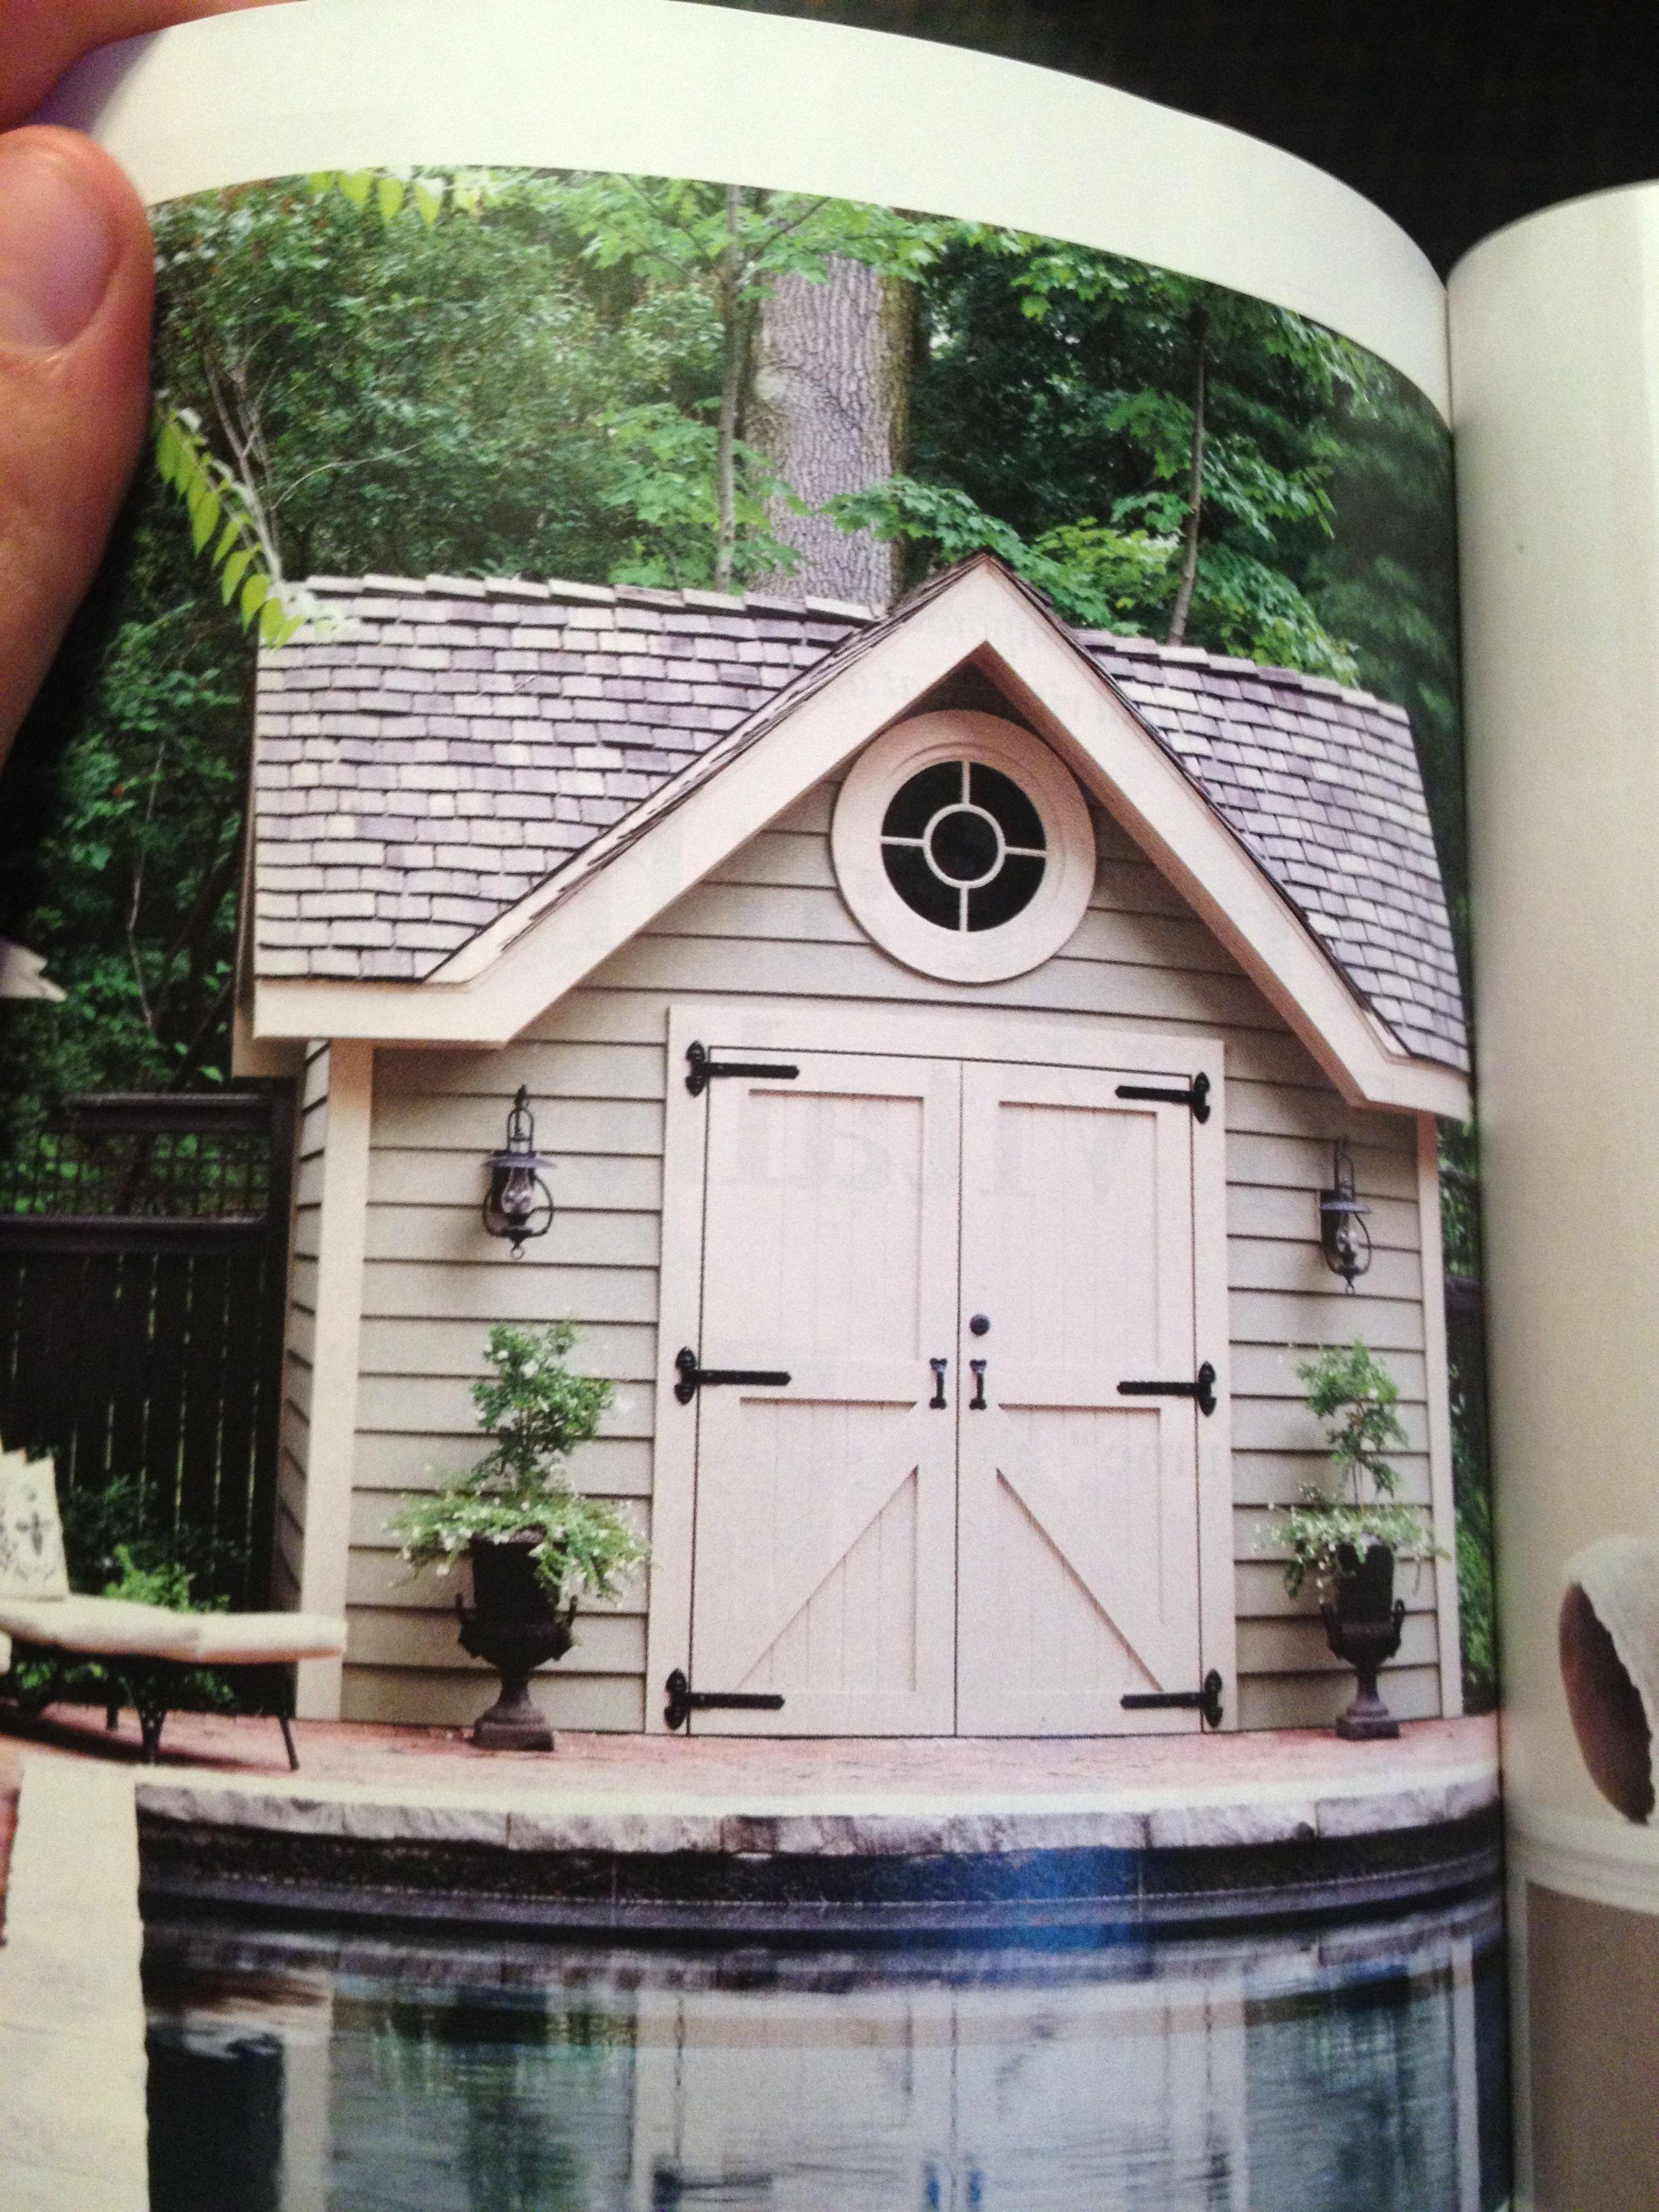 Afera: Get Potting Shed Designs House Sign